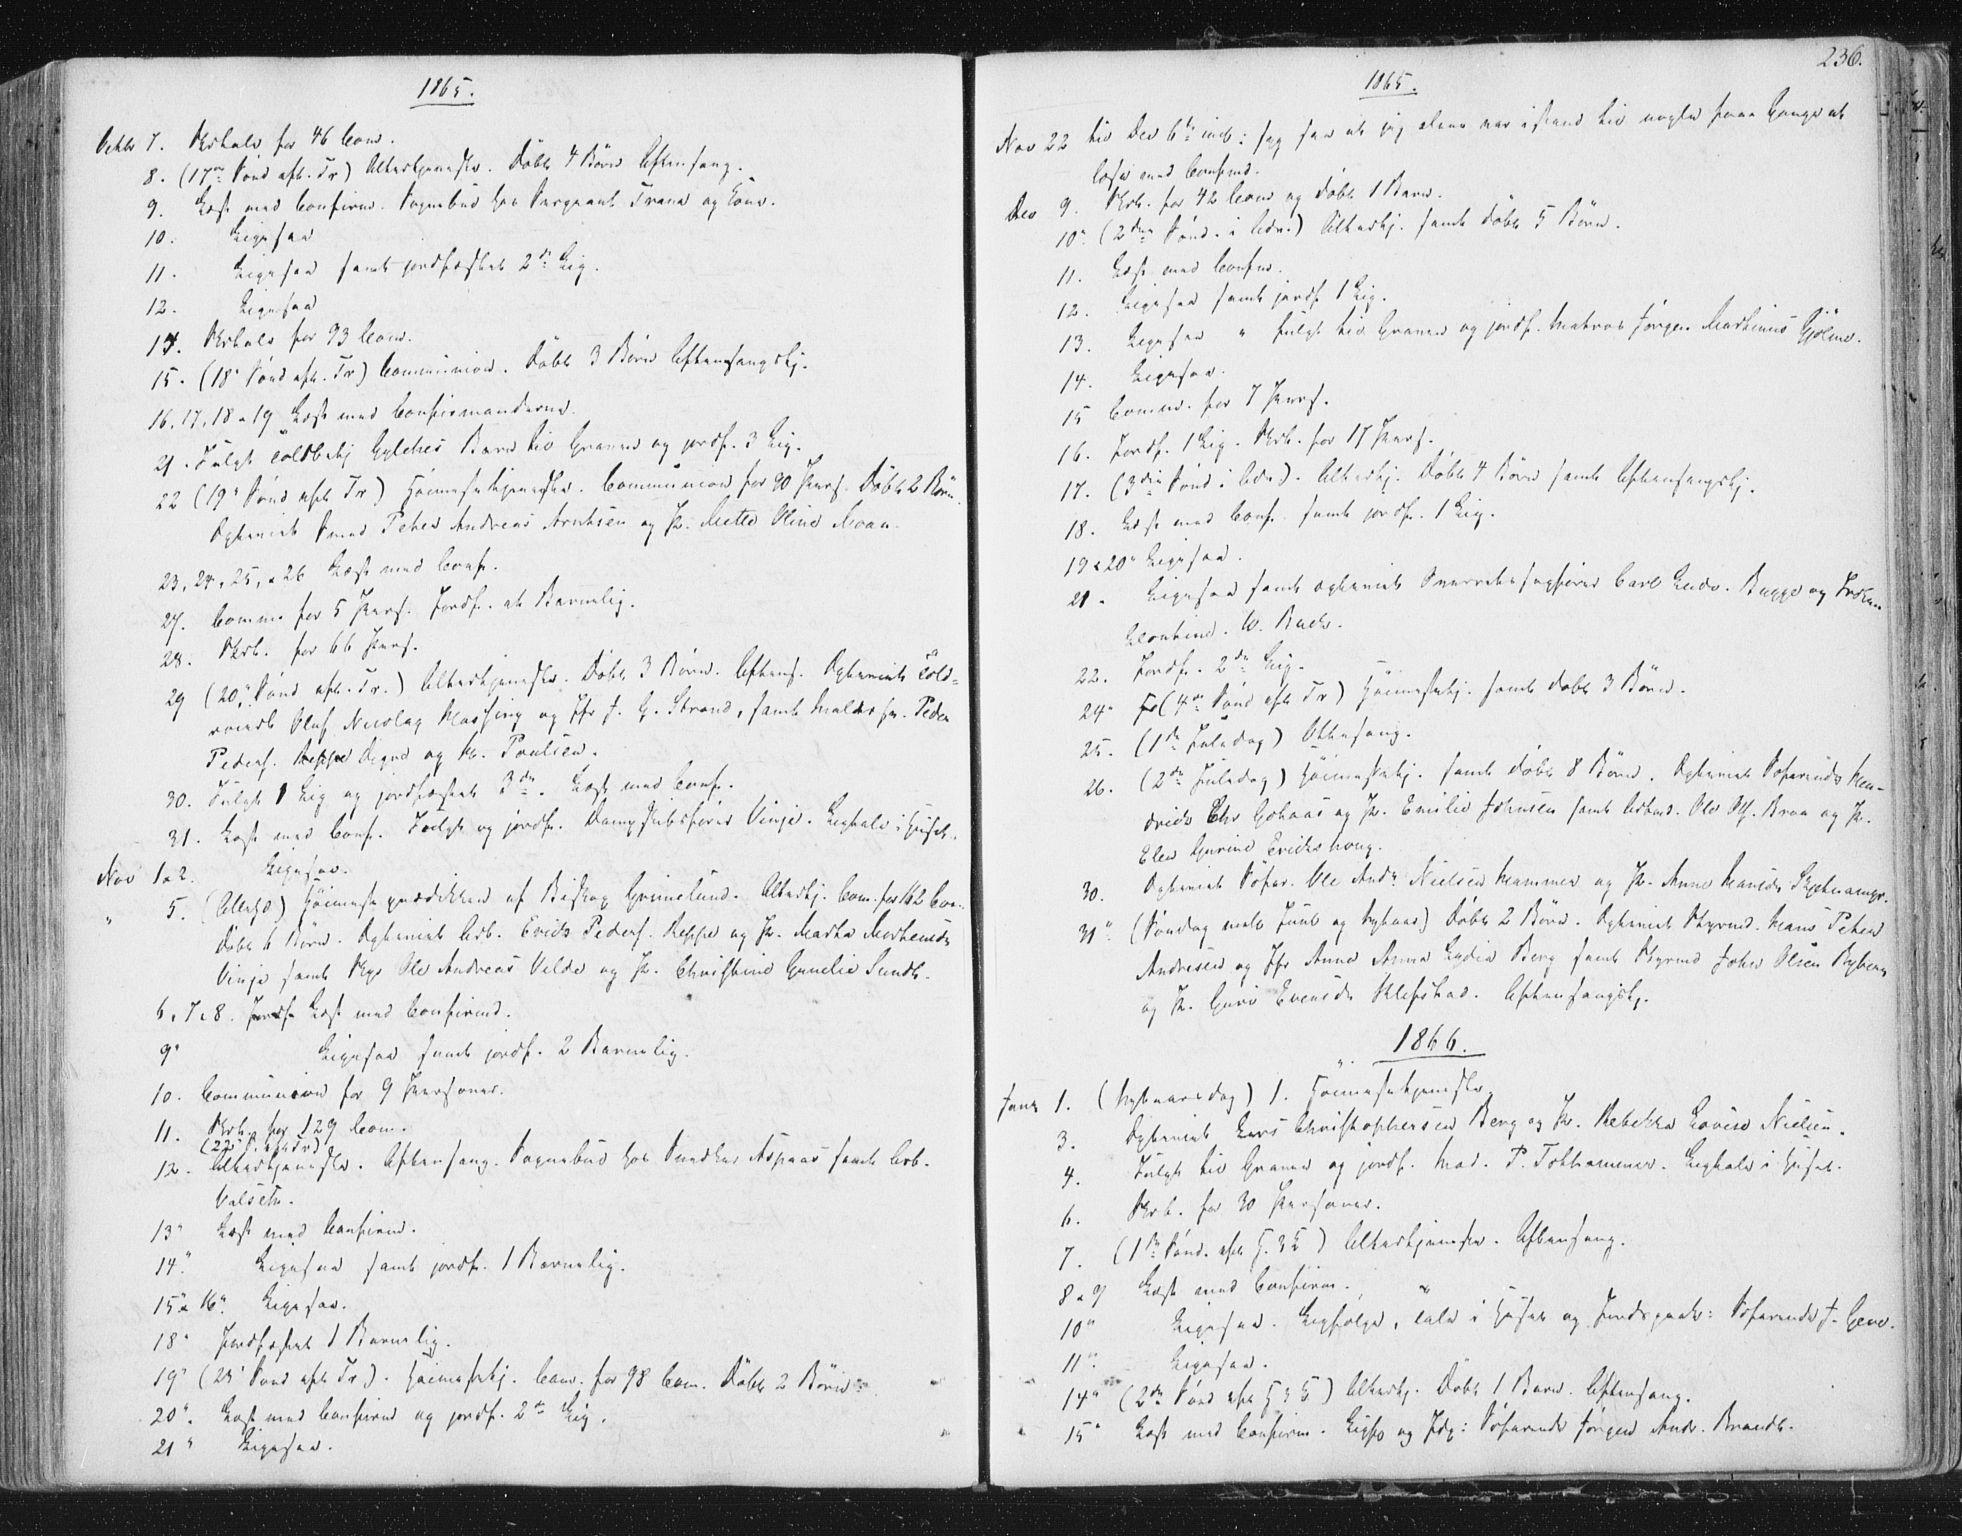 SAT, Ministerialprotokoller, klokkerbøker og fødselsregistre - Sør-Trøndelag, 602/L0127: Residerende kapellans bok nr. 602B01, 1821-1875, s. 236